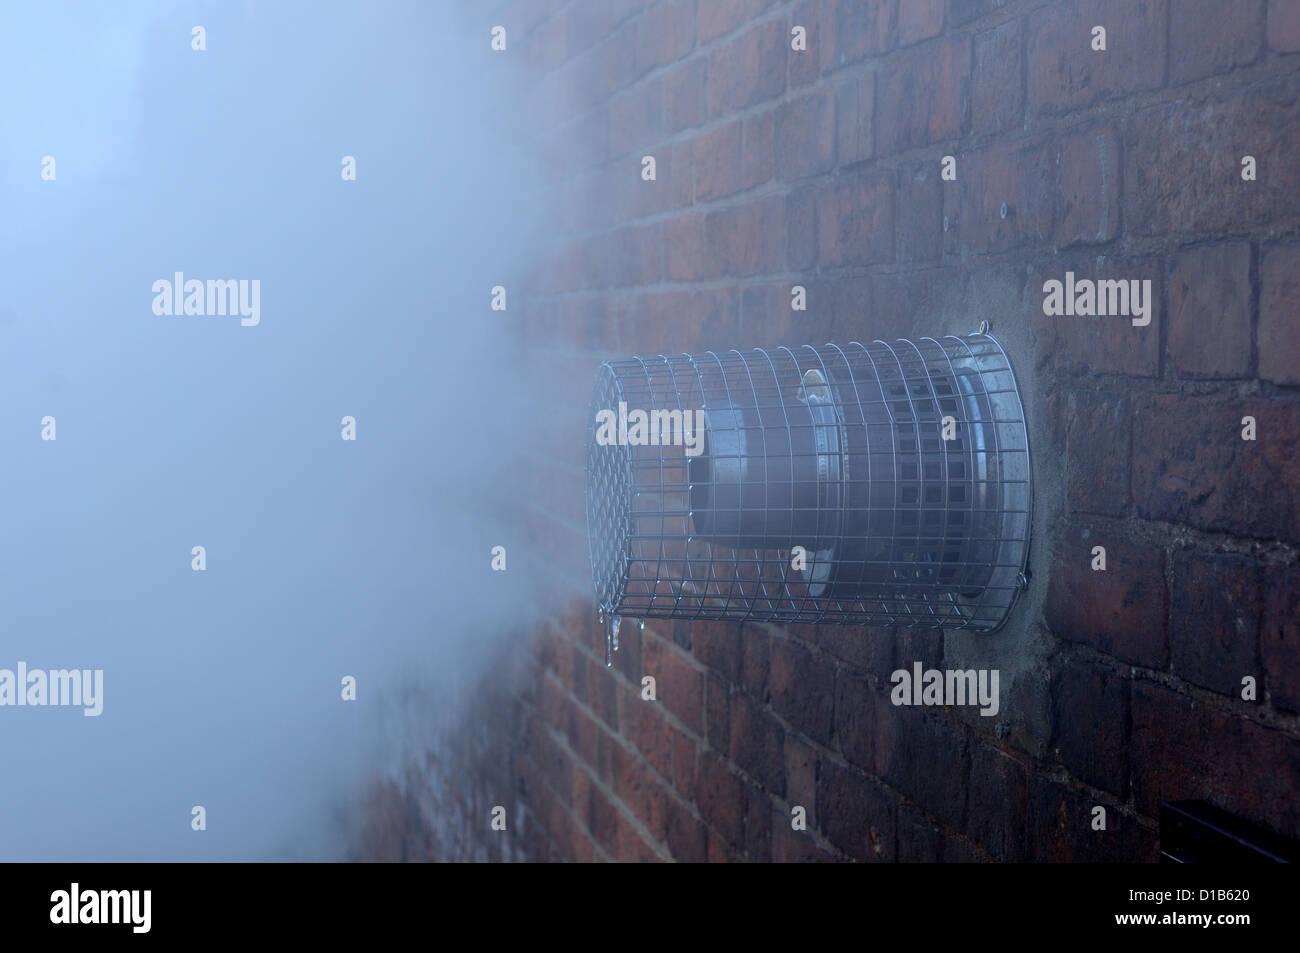 Condensing Boiler: Condensing Boiler Plume